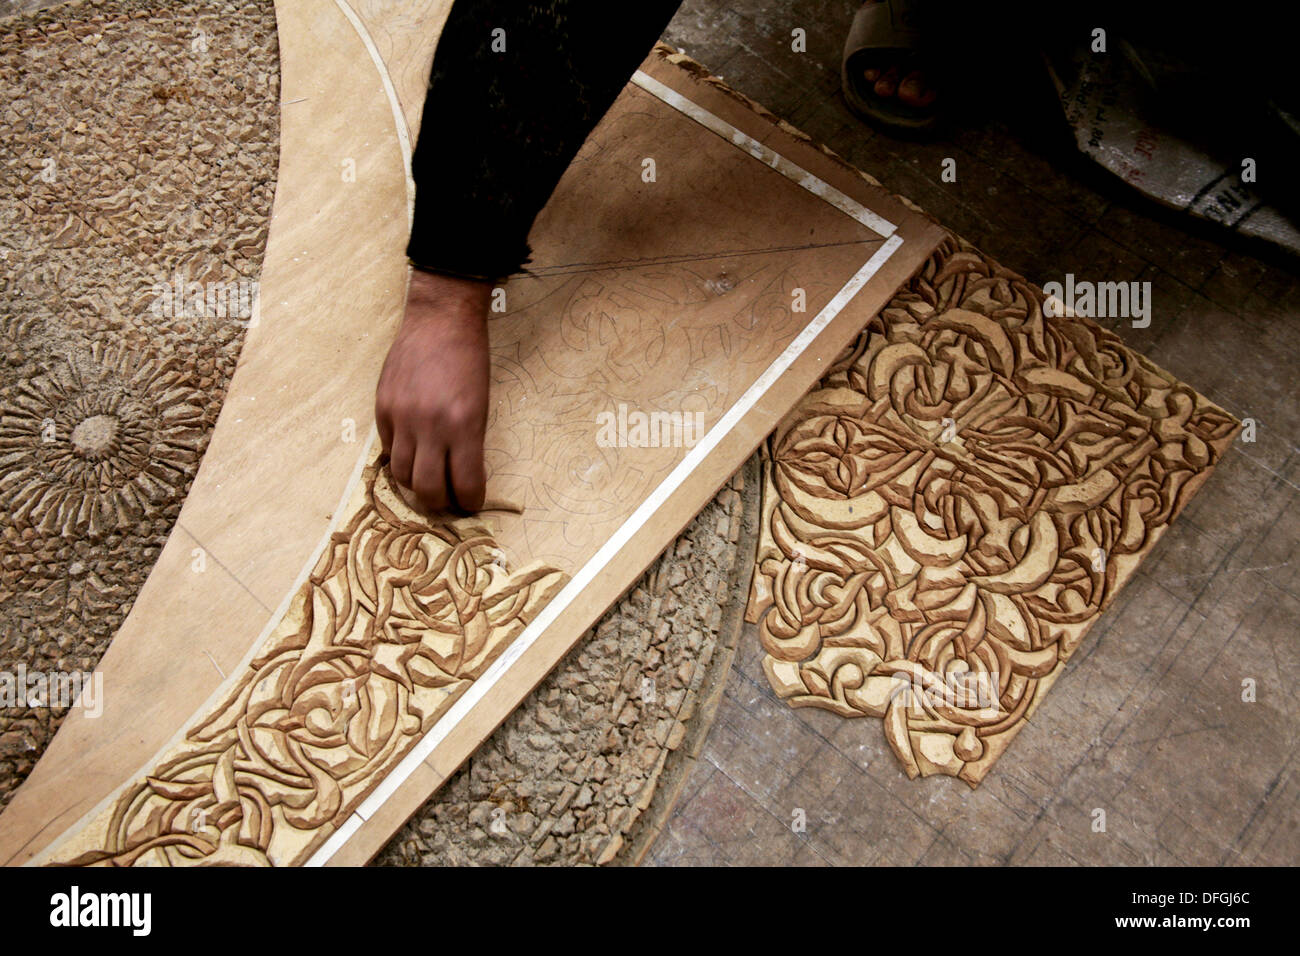 Il taglio di zellige piastrelle ceramiche presso il